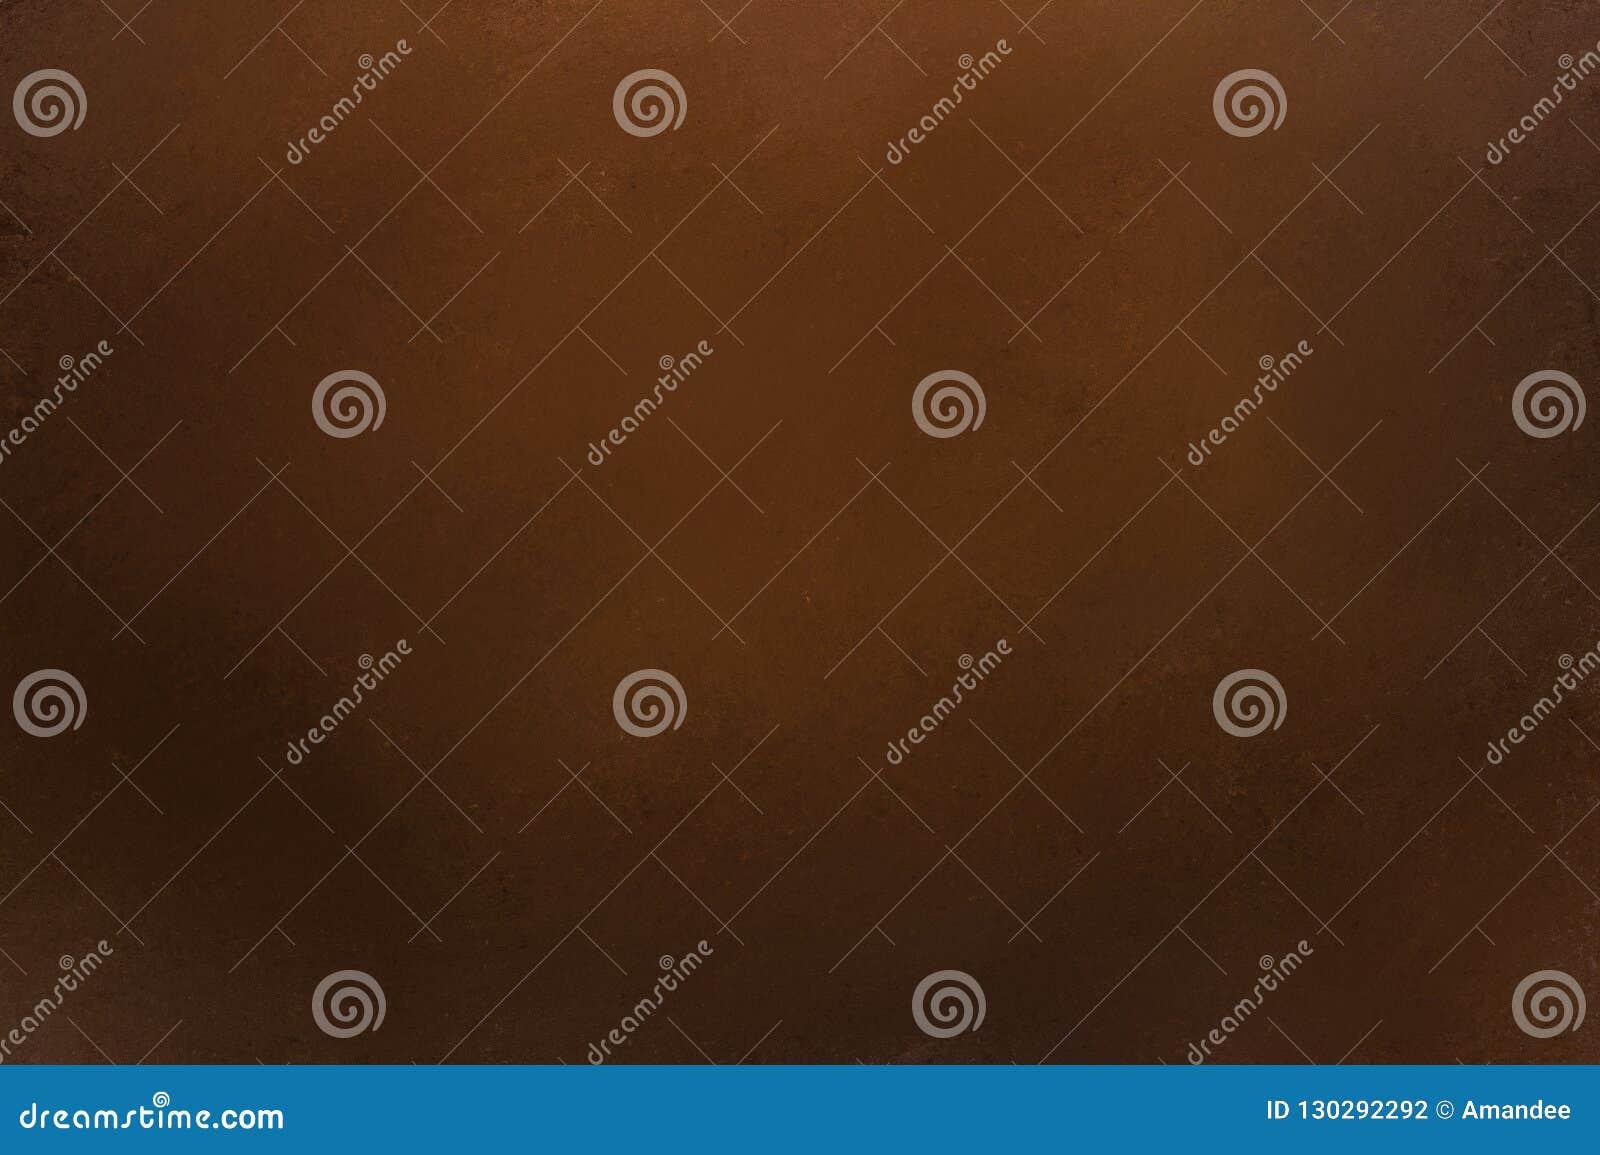 Luxury brown background with leather texture illustration, dark grunge border